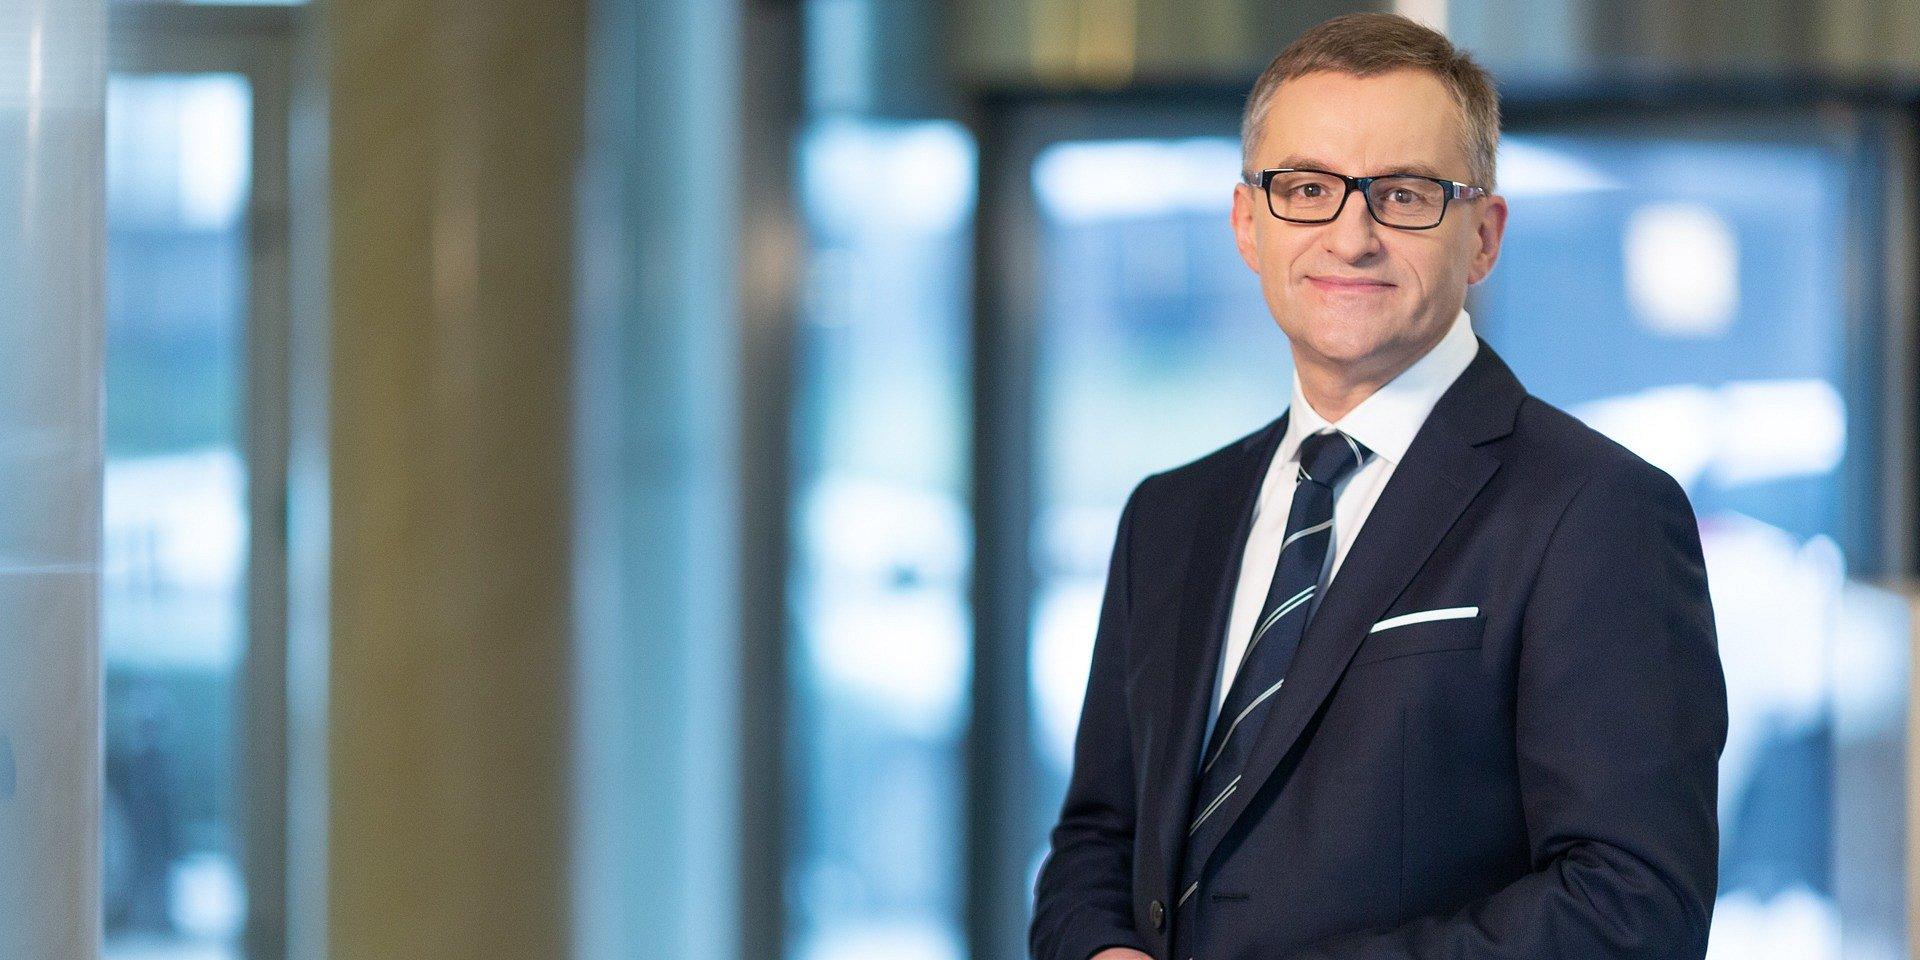 Paweł Kacprzyk mianowany na stanowisko CEO Nationale-Nederlanden w Polsce